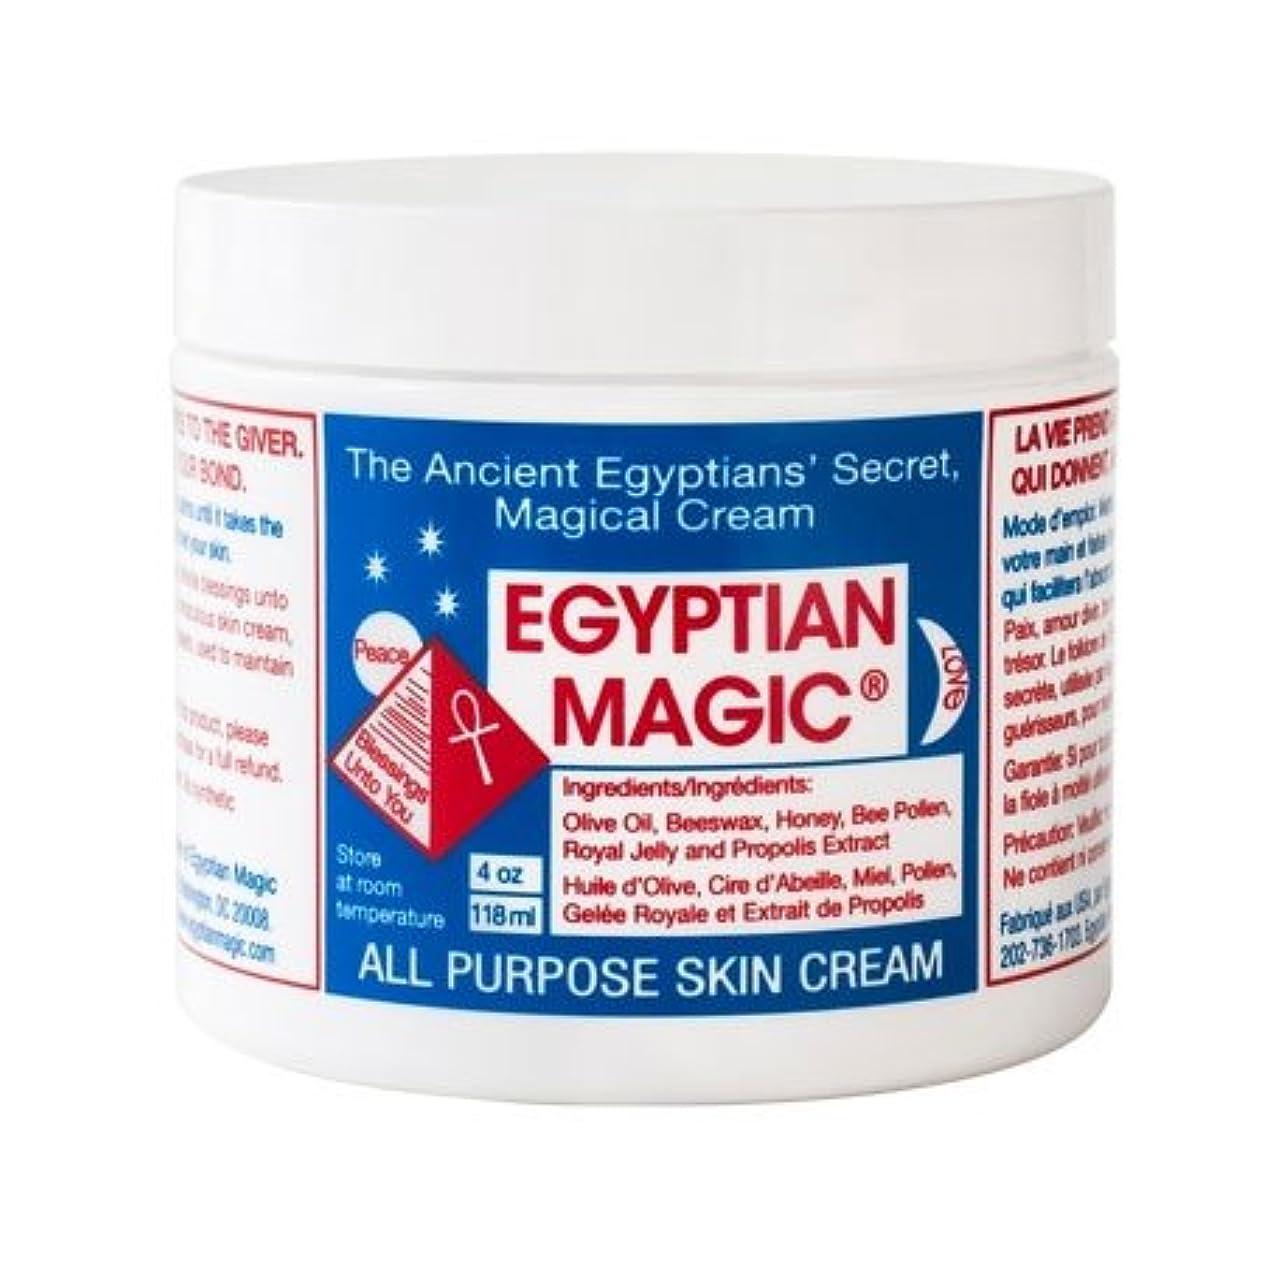 飼い慣らすアクセル疑わしいエジプシャンマジック エジプシャン マジック クリーム 118ml 海外仕様パッケージ